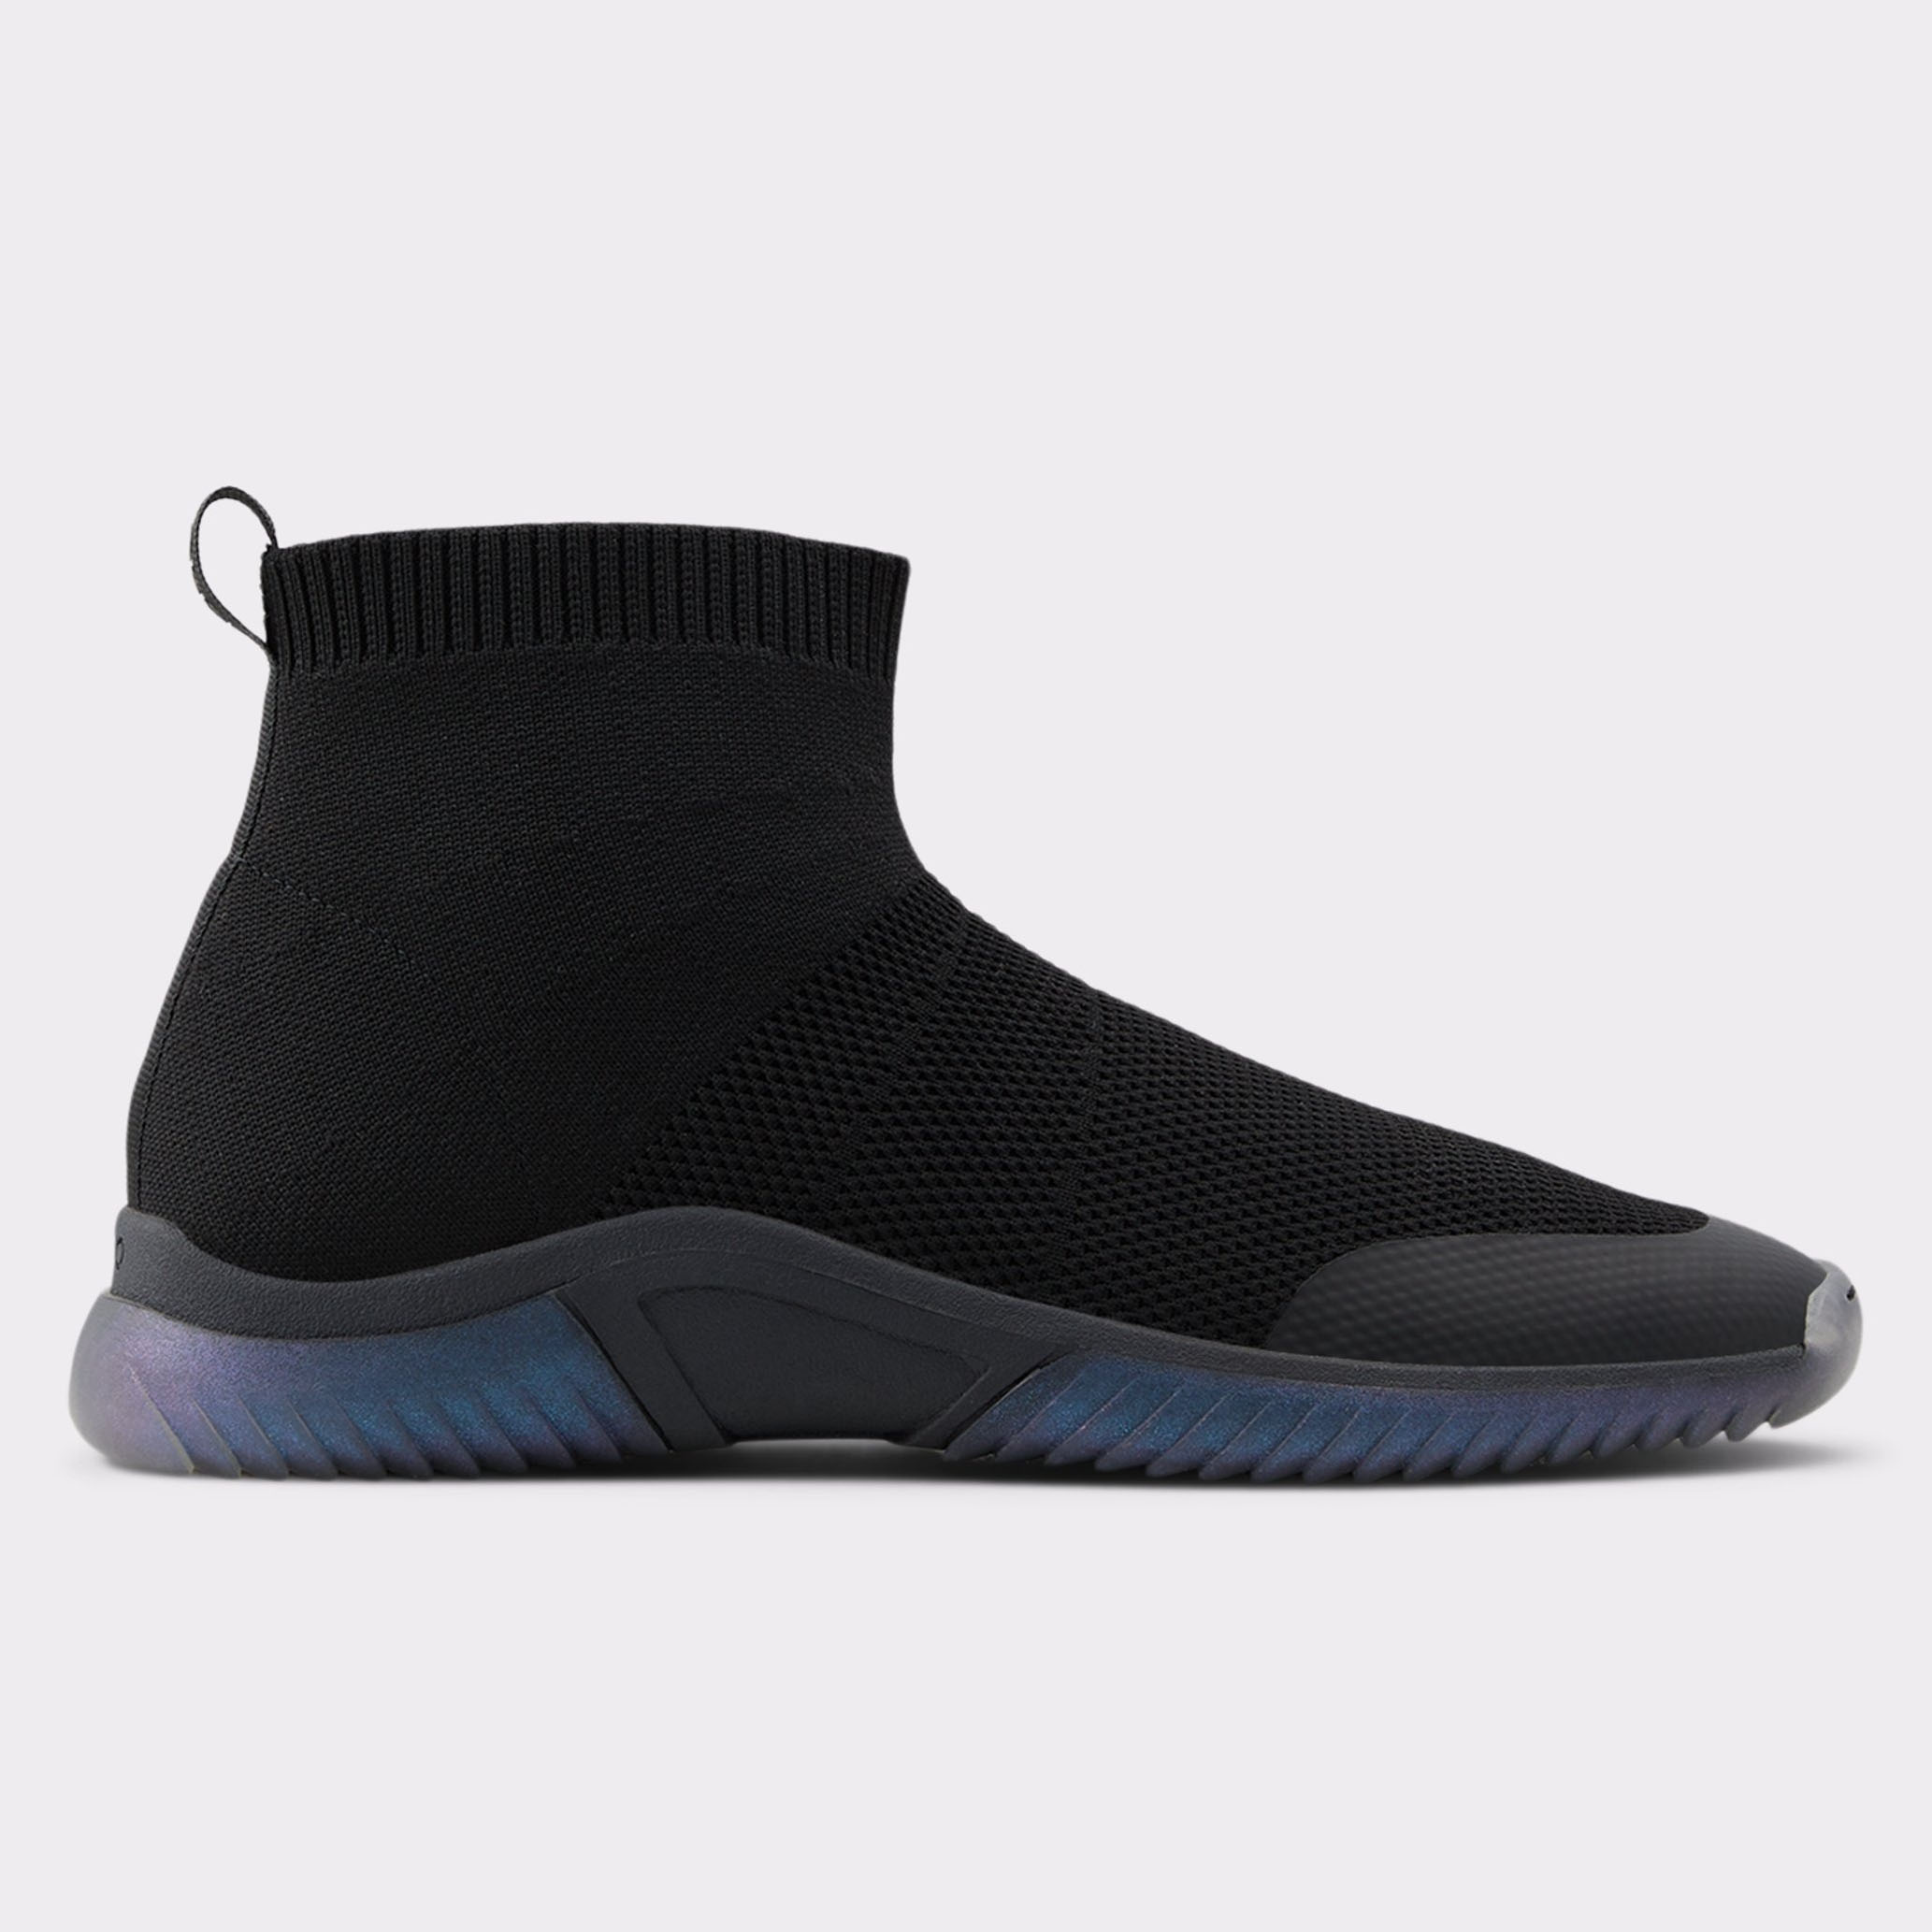 ALDO Goorari Sneakers